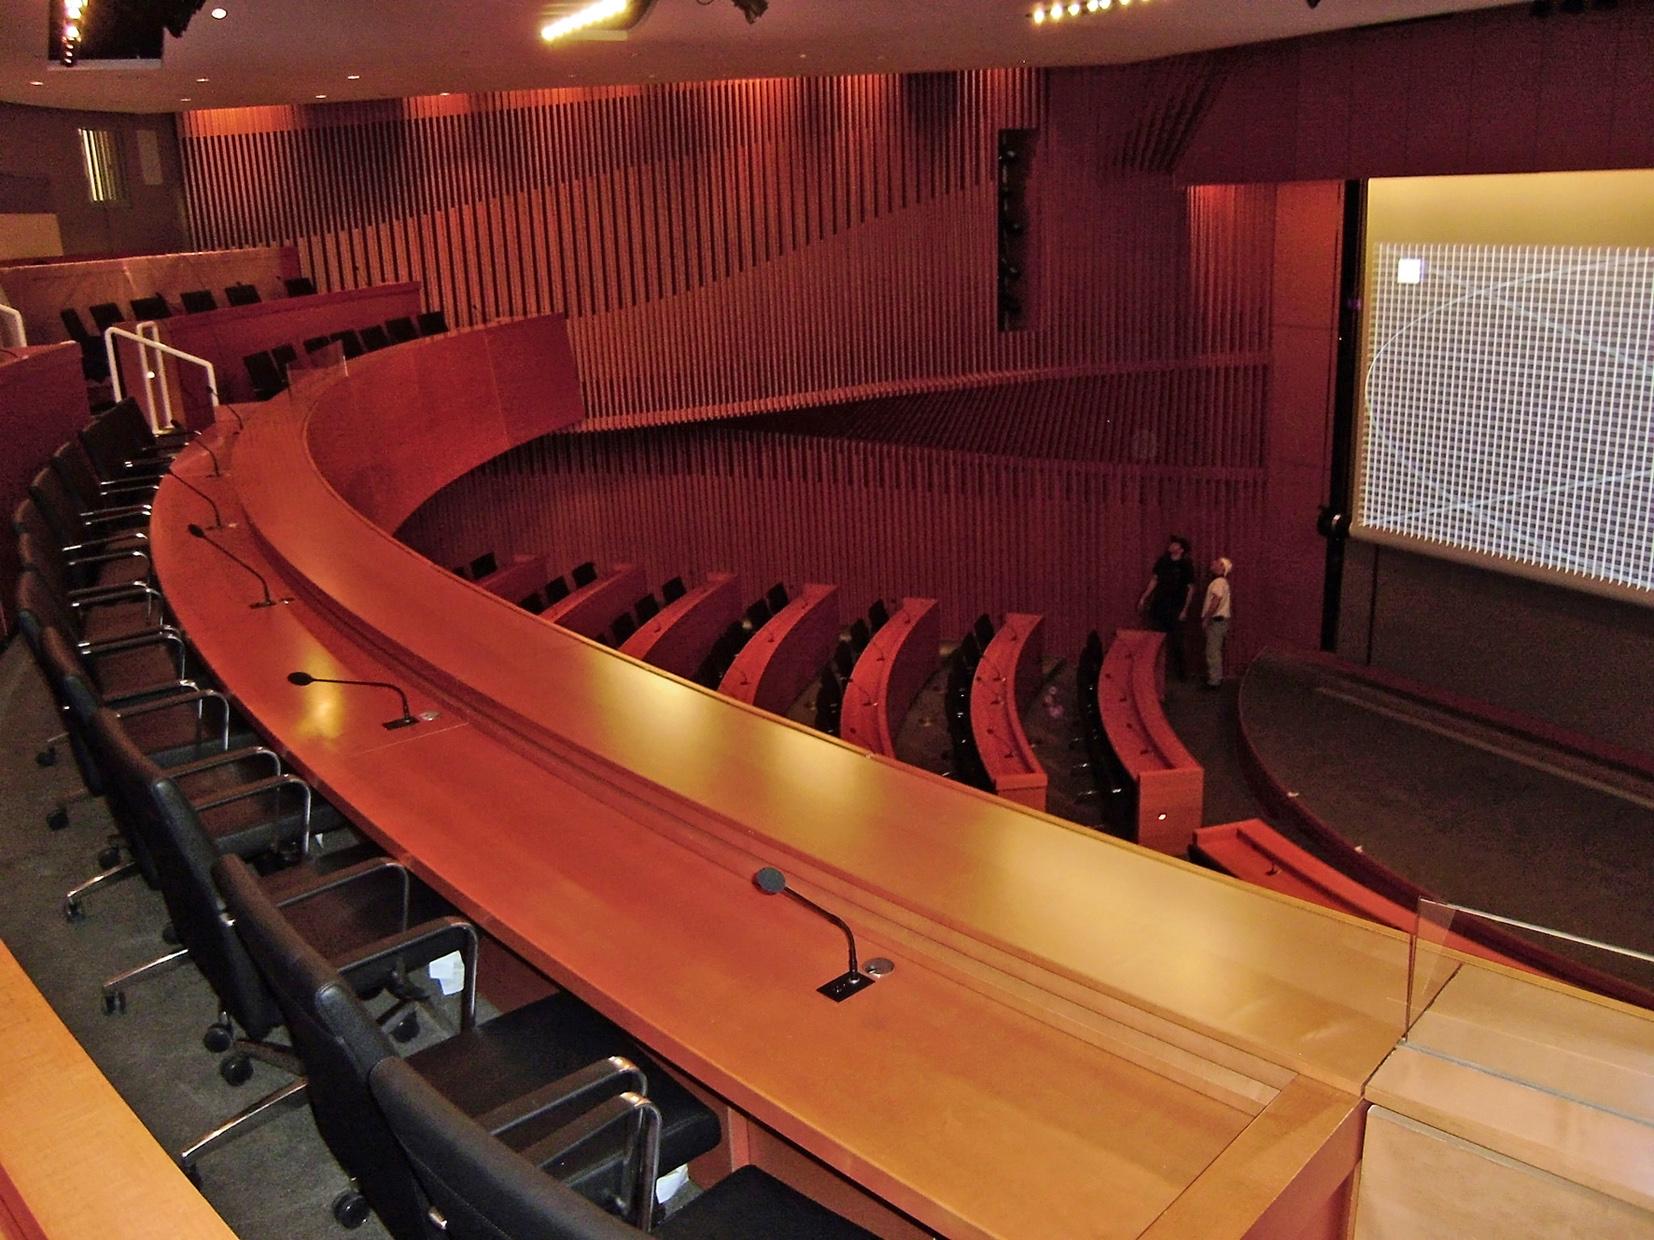 20130826124606_ifn-architektur-1-auditorium, Innenarchitektur ideen